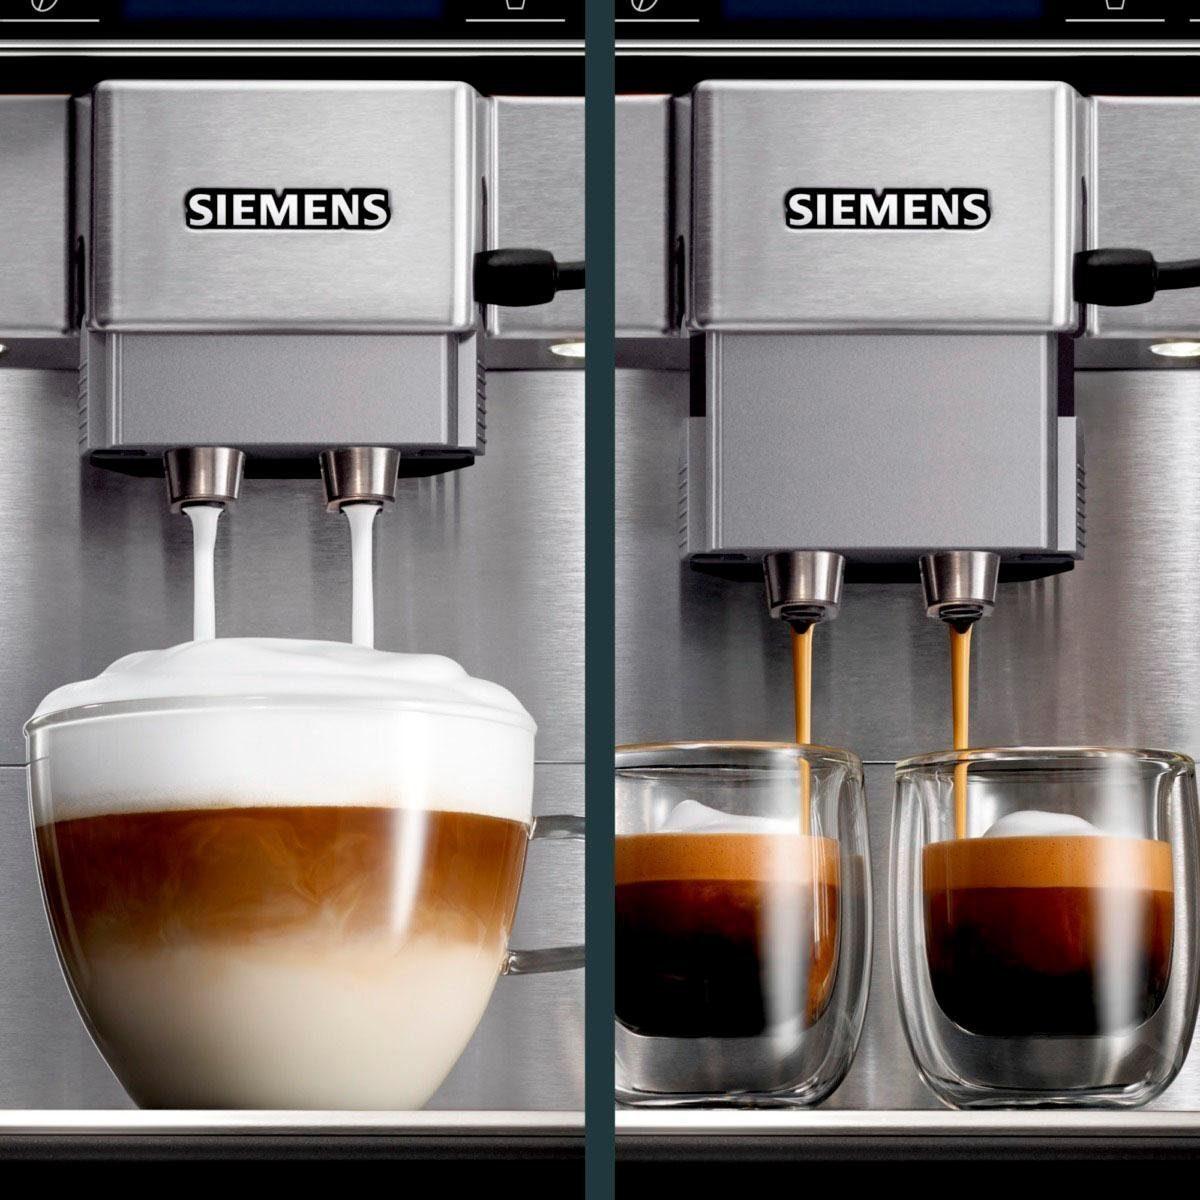 Bild 3 von SIEMENS Kaffeevollautomat EQ.6 plus s700 TE657503DE, automatische Reinigung, zwei Tassen gleichzeitig, 4 individuelle Profile, beleuchtetes Tassenpodest, Edelstahl